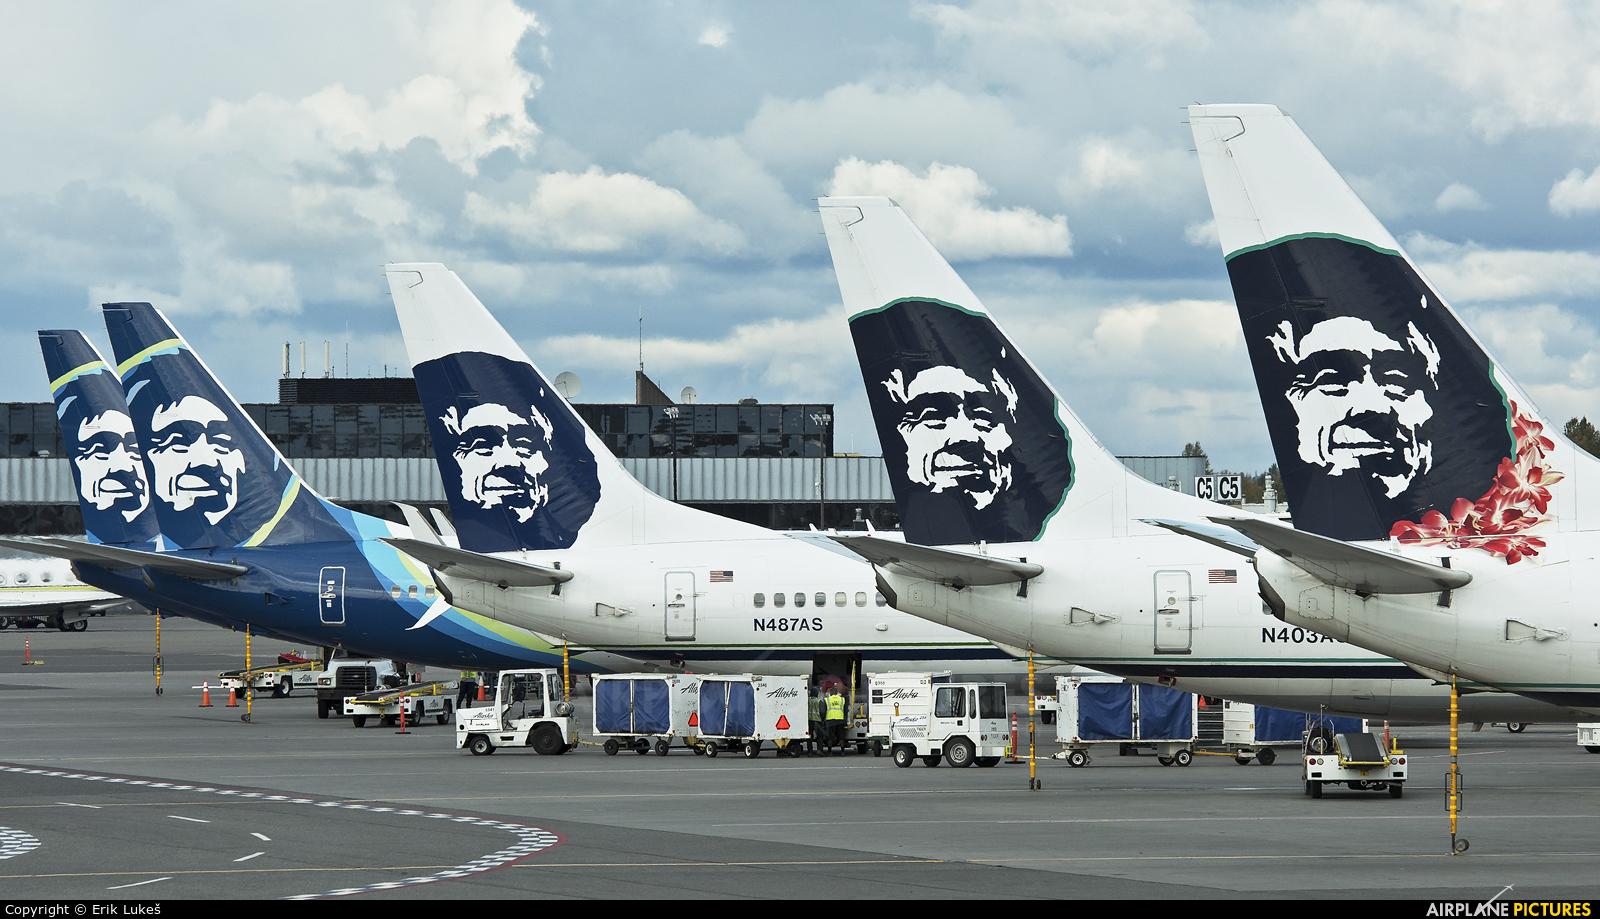 Alaska Airlines N403AS aircraft at Anchorage - Ted Stevens Intl / Kulis Air National Guard Base